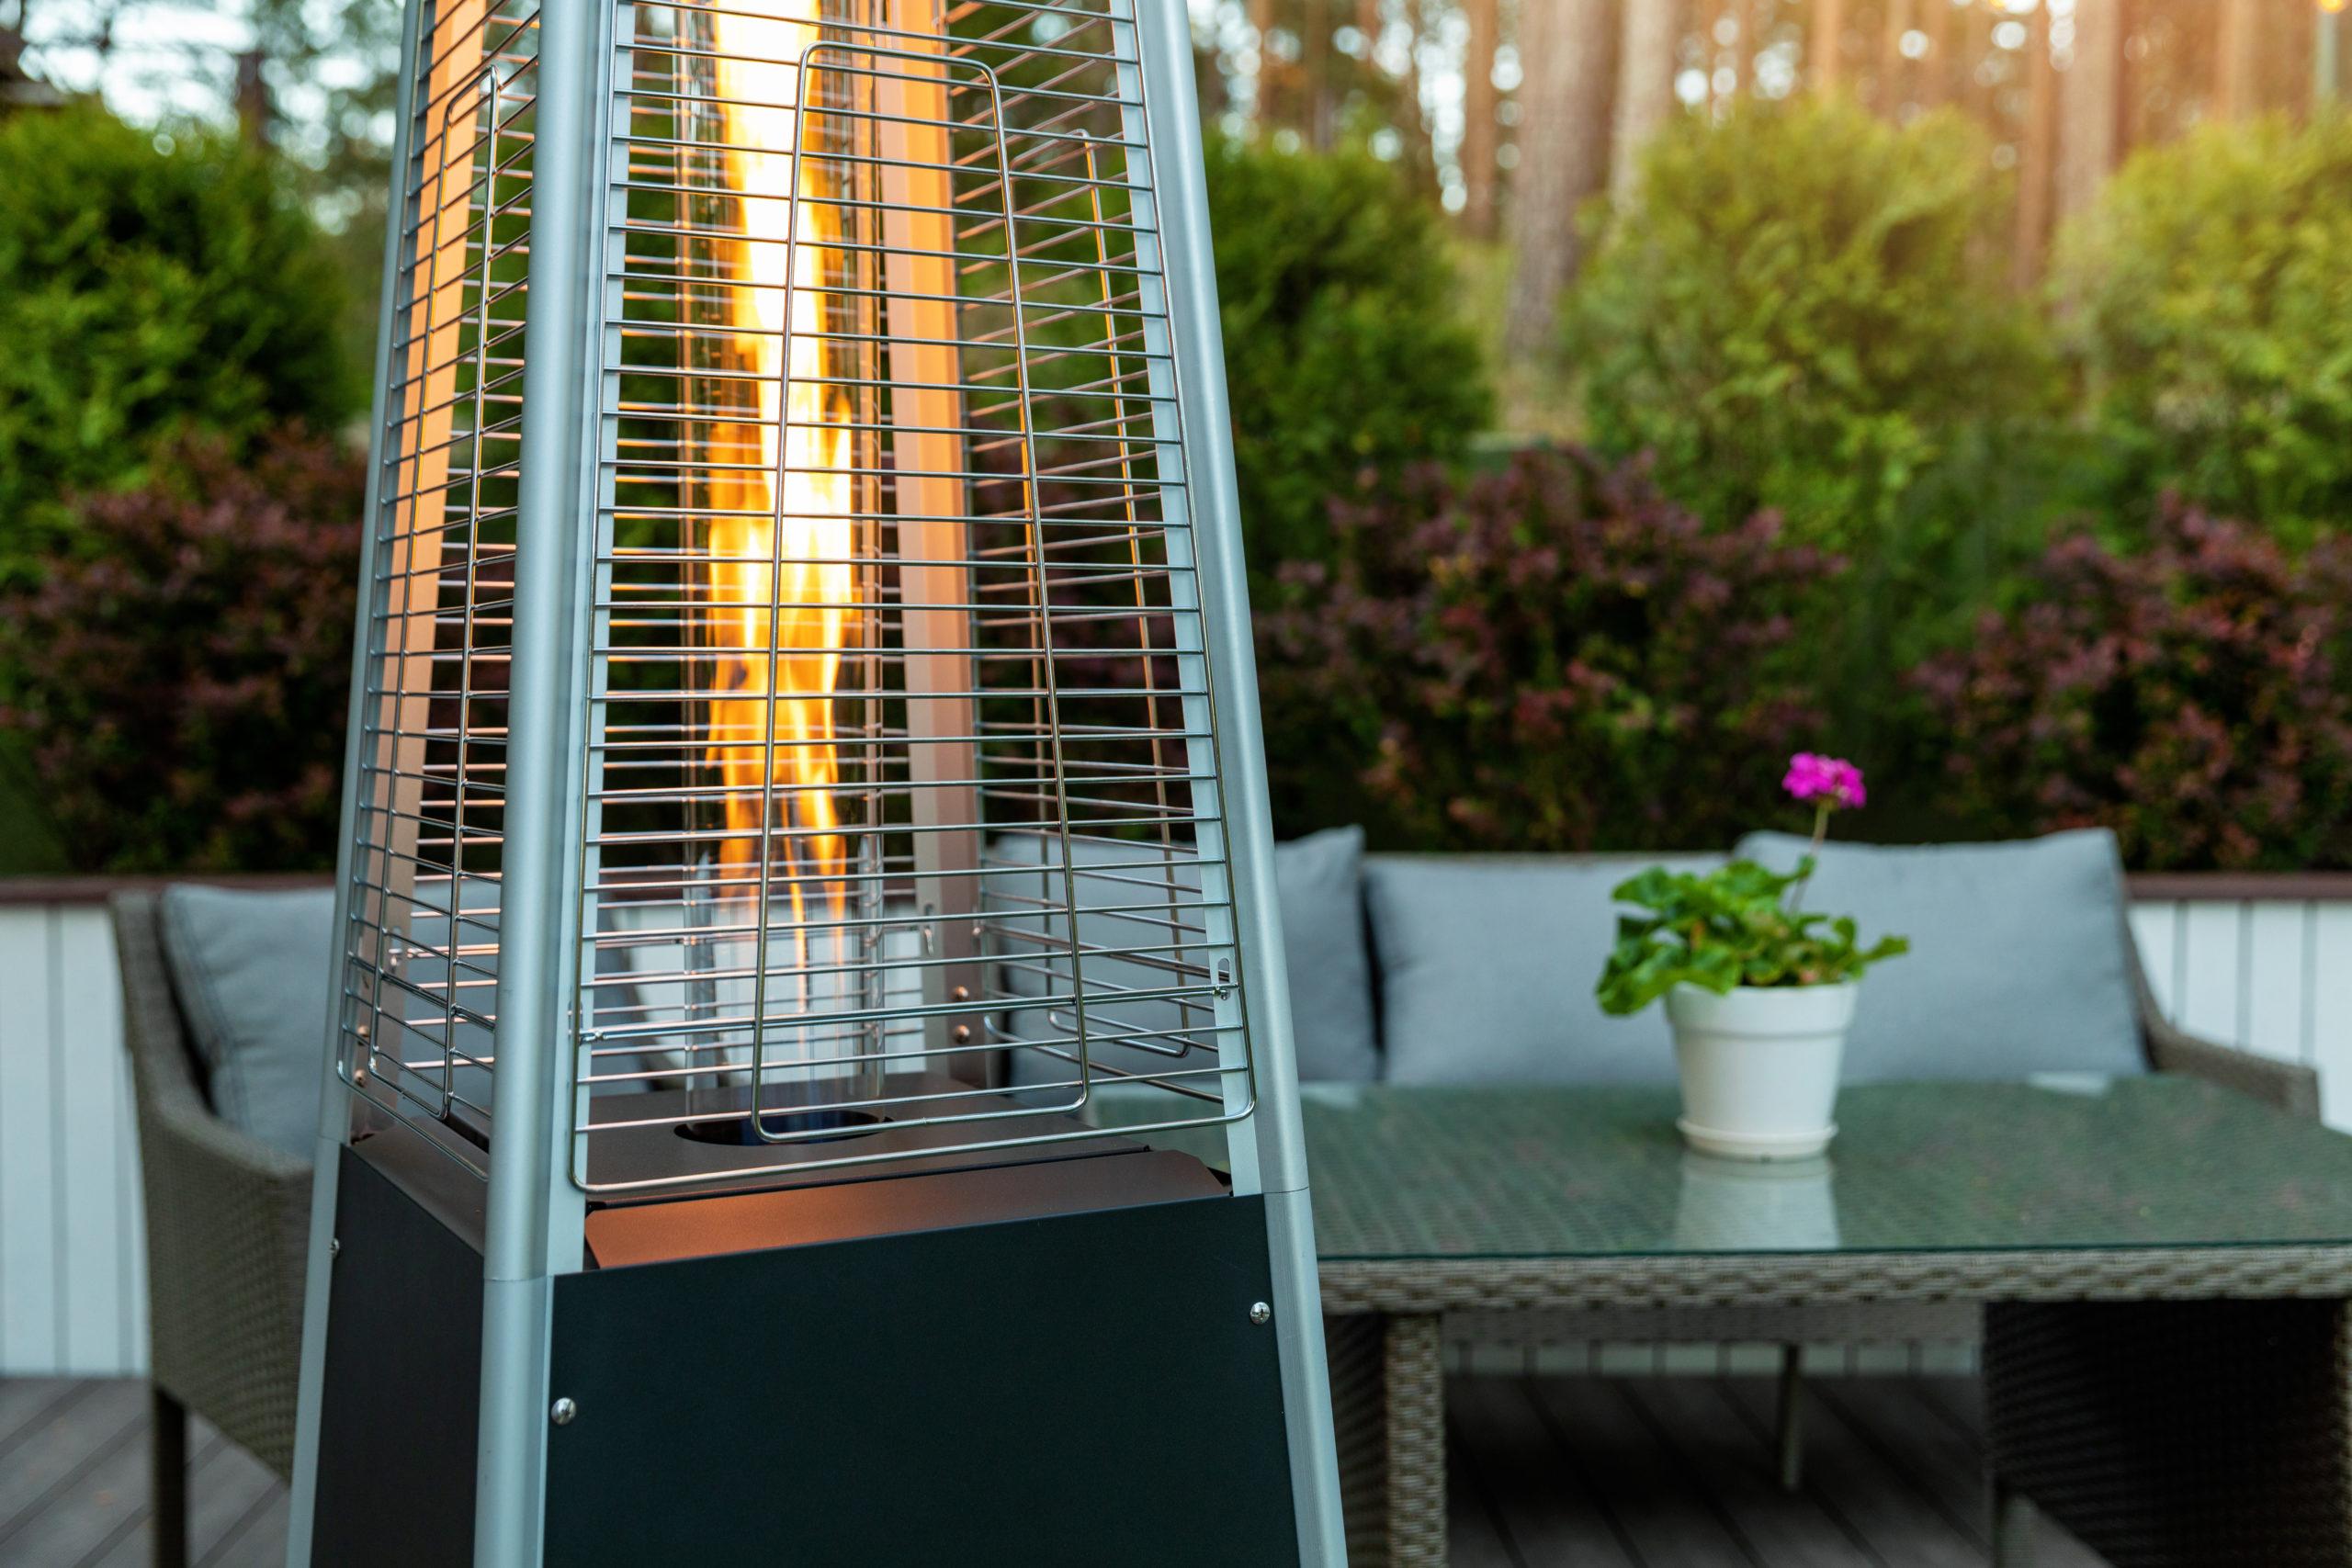 Outdoor heater on patio